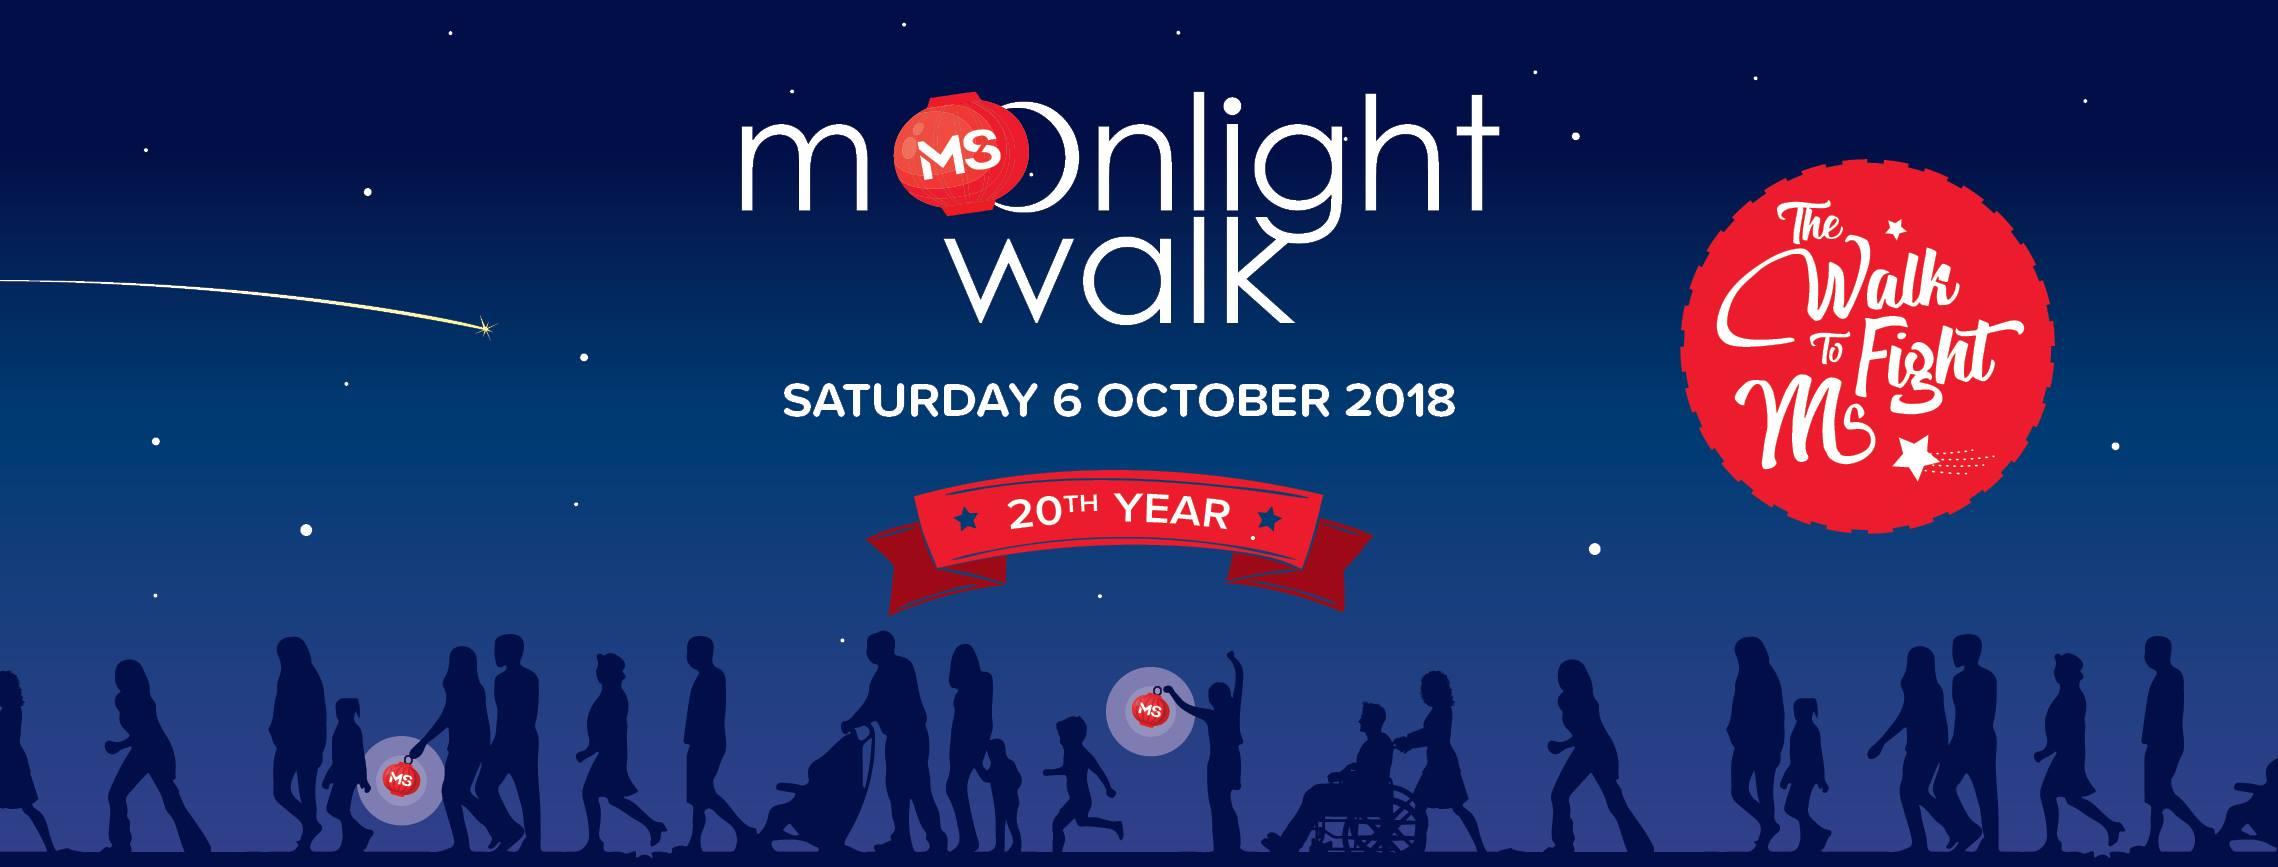 moonlight walk for MS - web use - 16_9 2018.jpg